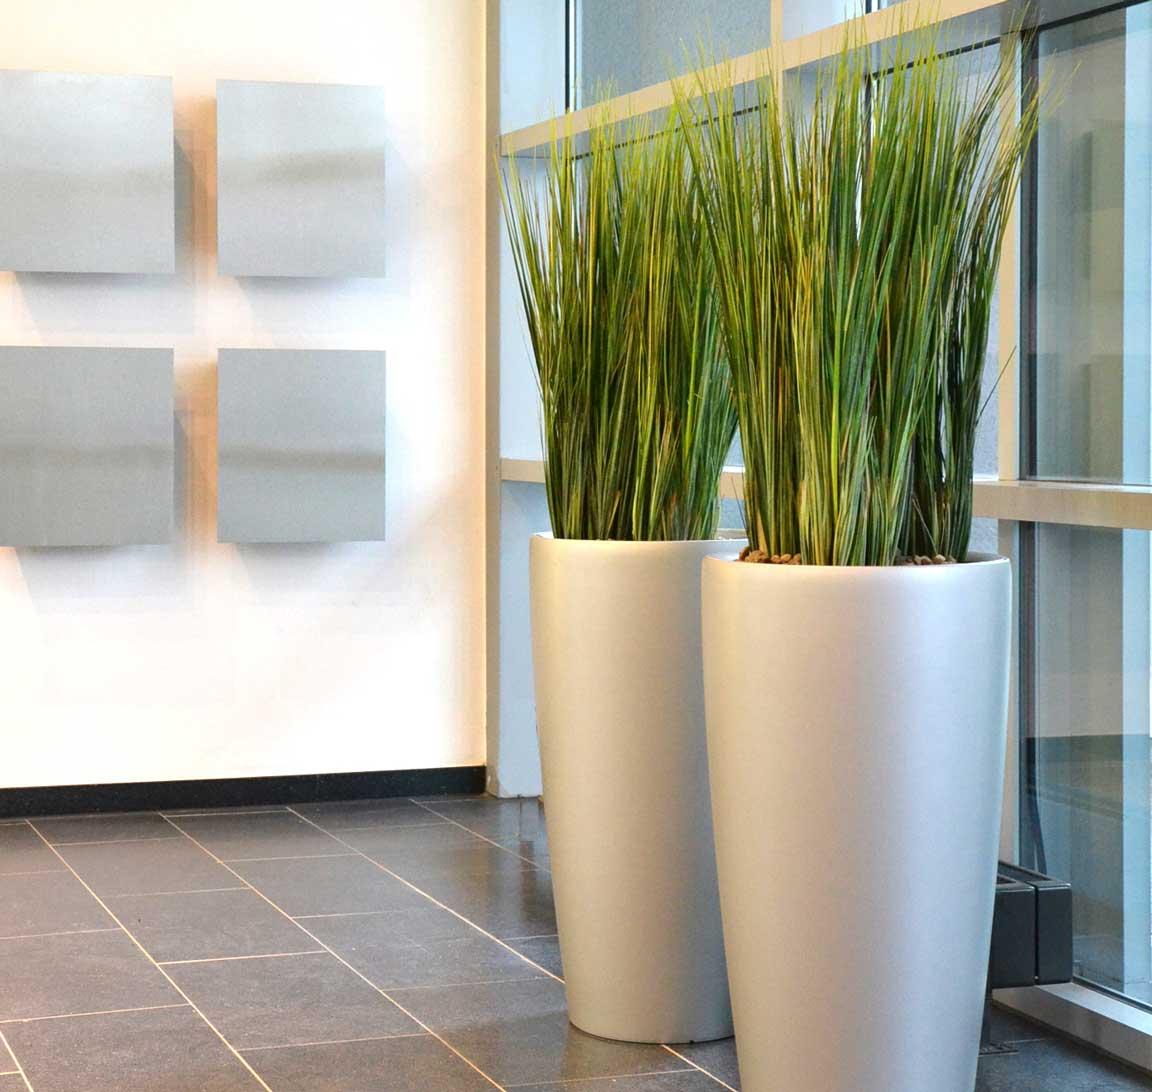 Gräser als Kunstpflanzen für eine moderne Innenraumbegrünung